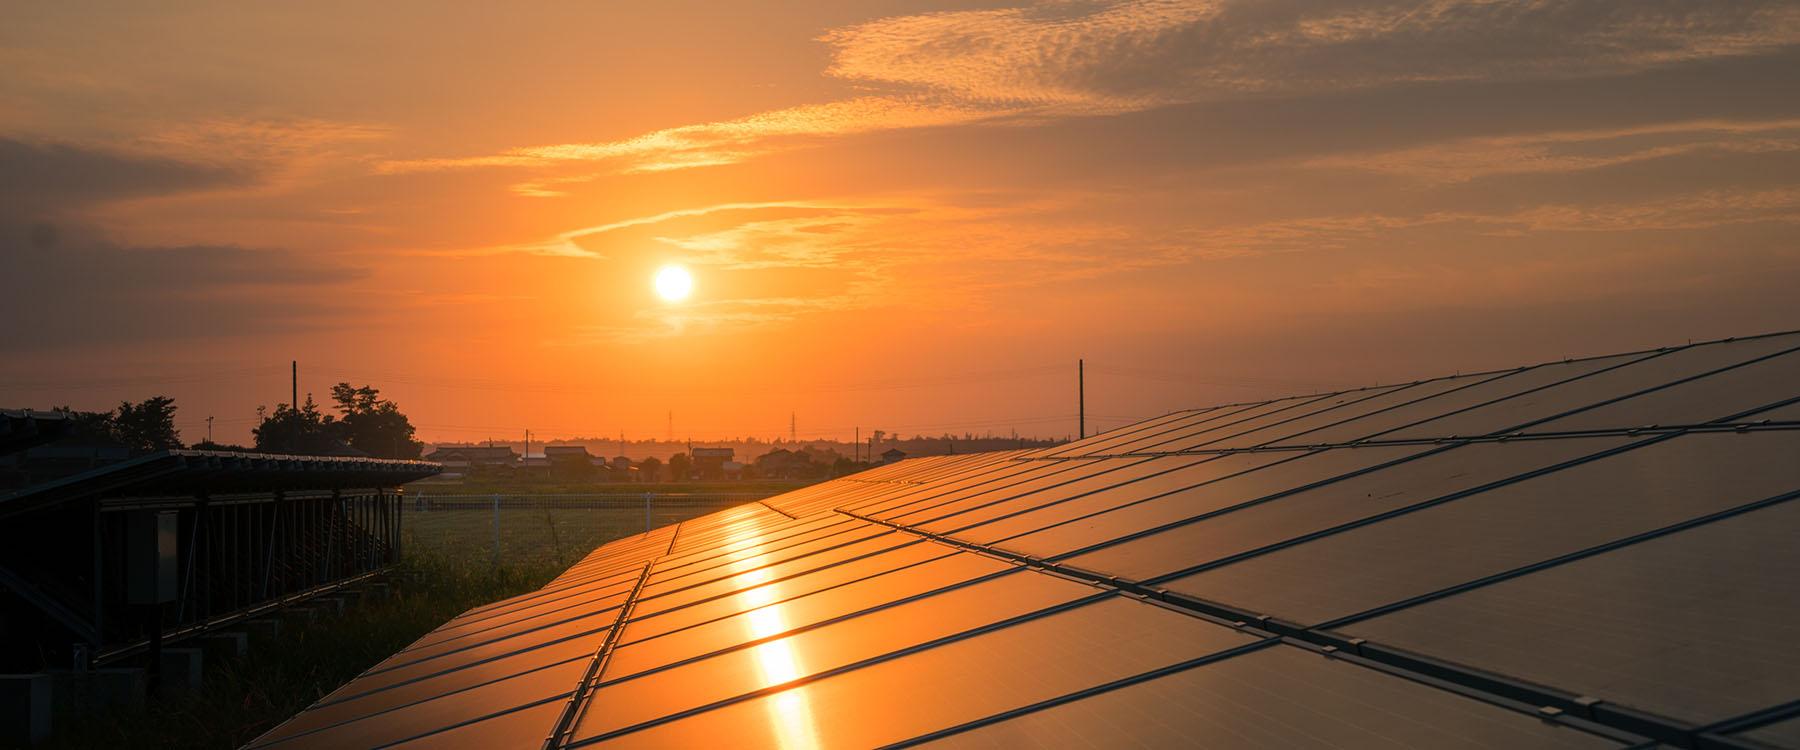 solar-farm-sunset